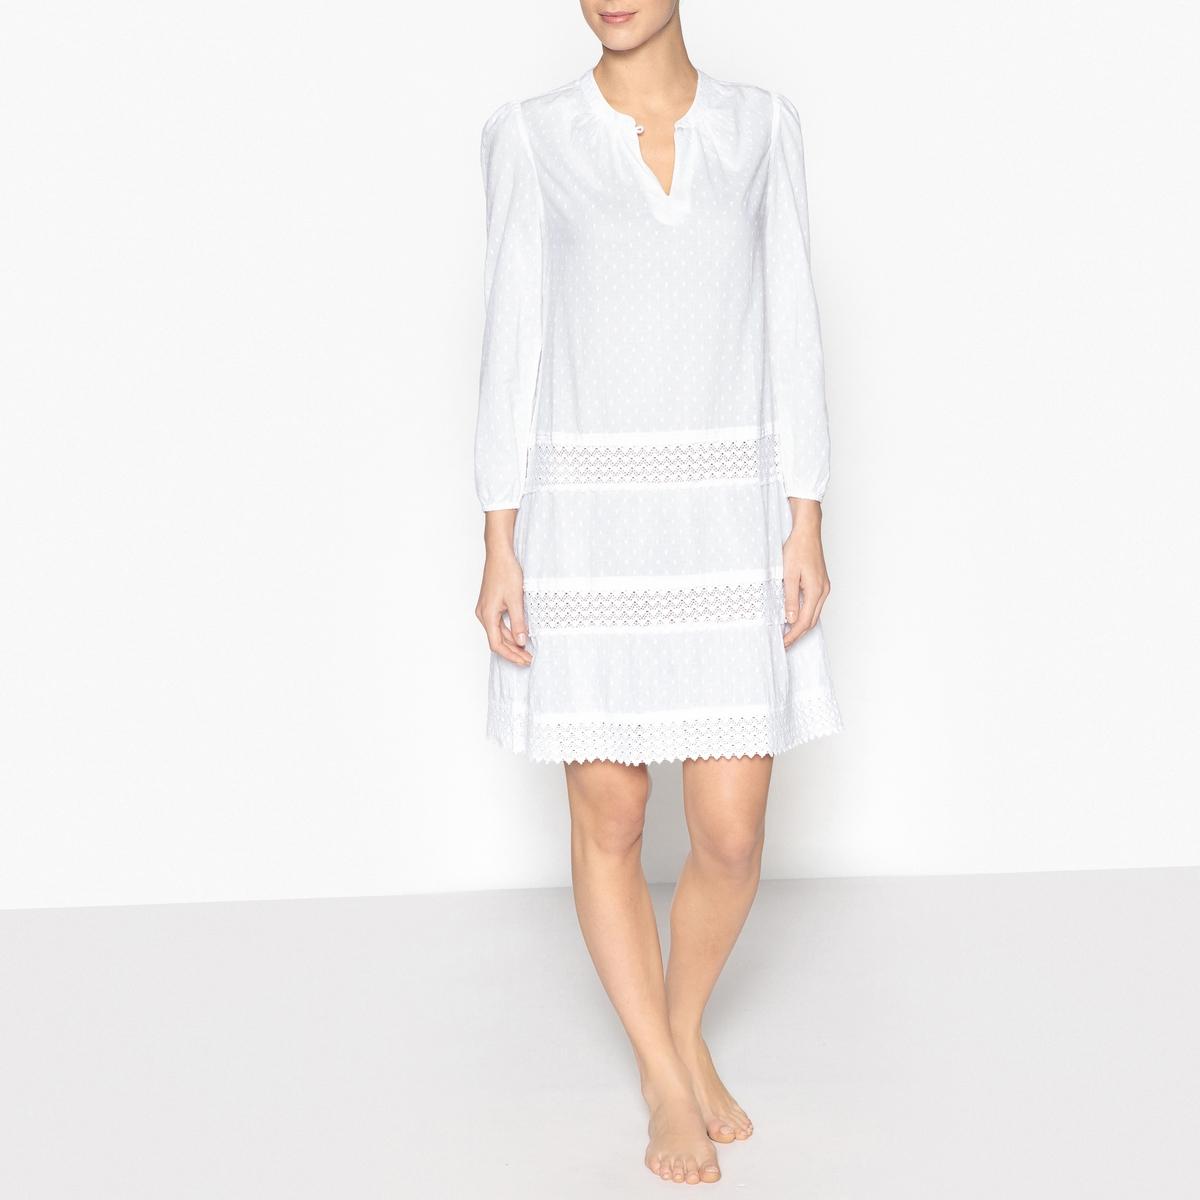 Сорочка ночная с вышивкой ночные сорочки linse ночная сорочка